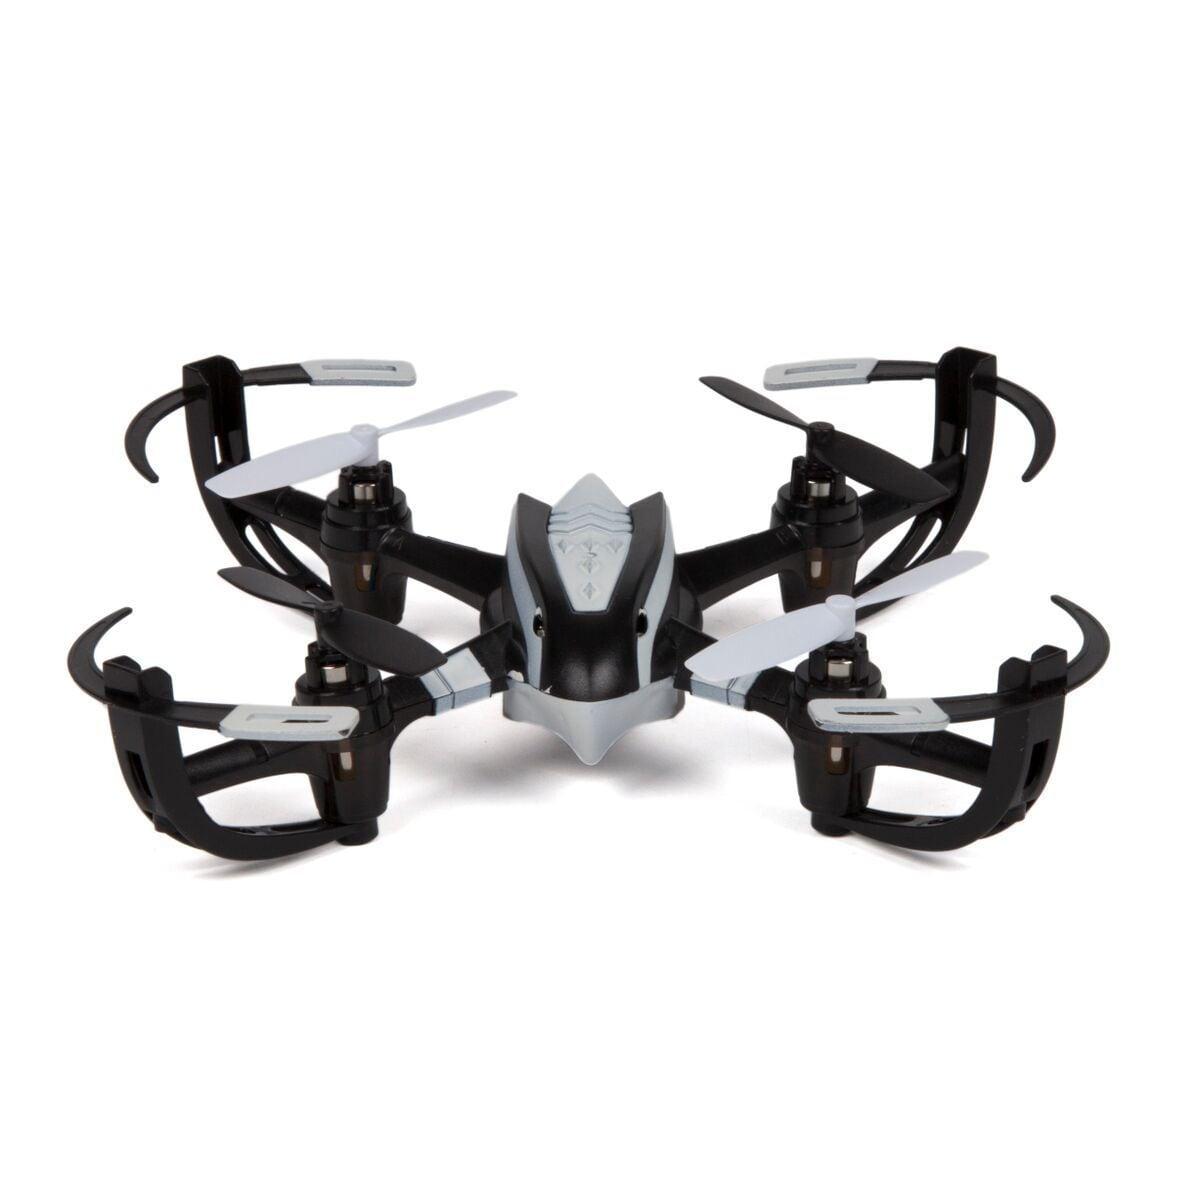 World Tech Toys 4.5-channel Nano Prowler 2.4GHz RC Drone ...